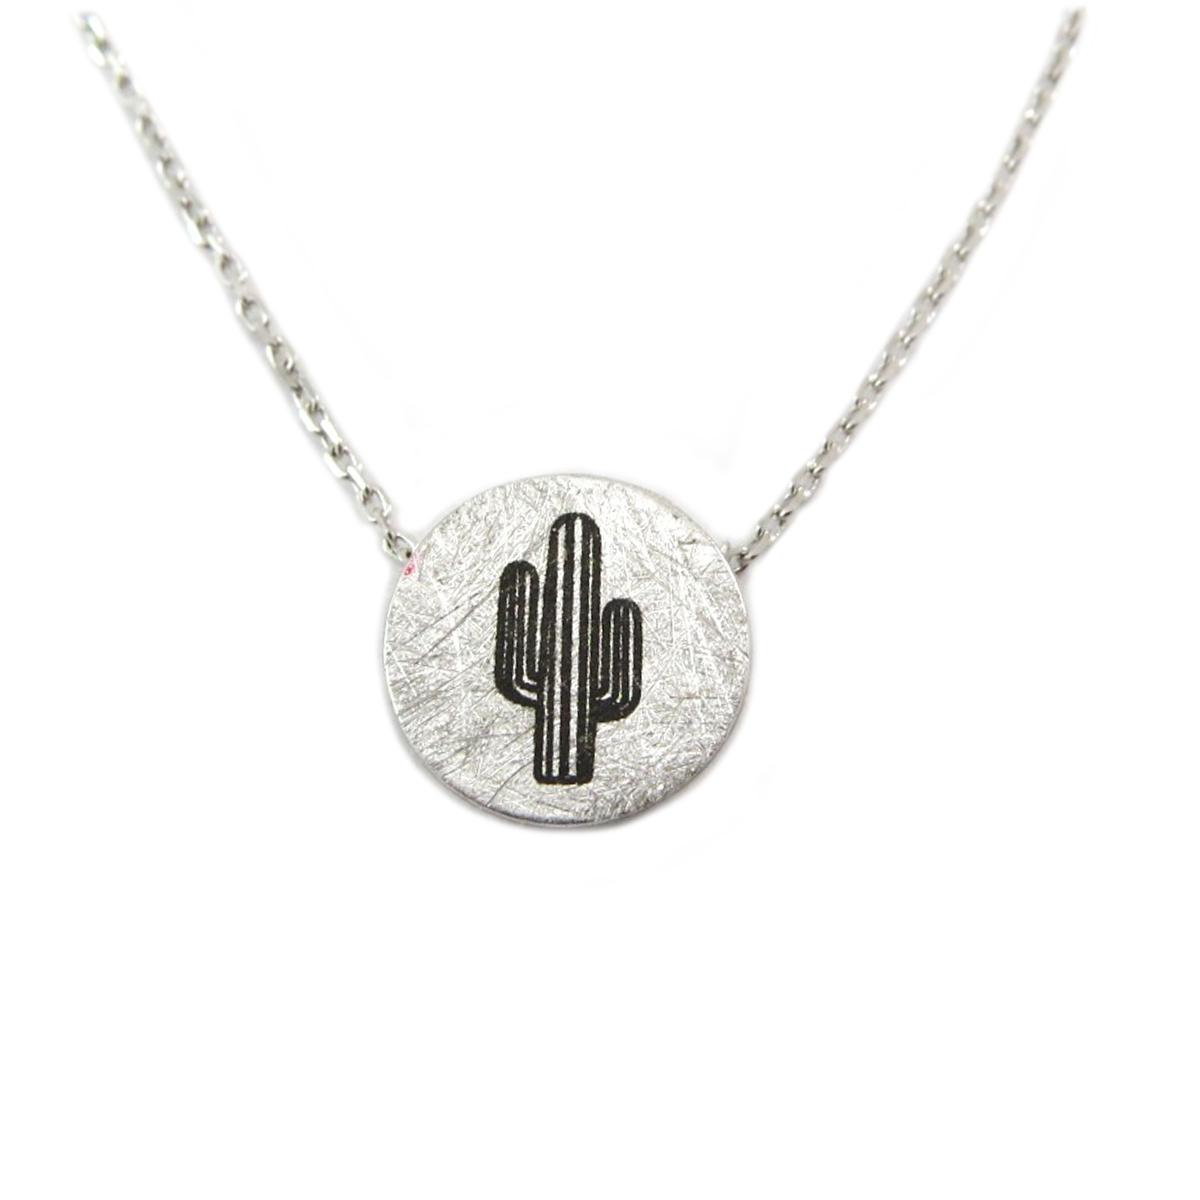 Collier artisanal \'Cactus\' argenté - 12 mm - [Q6134]